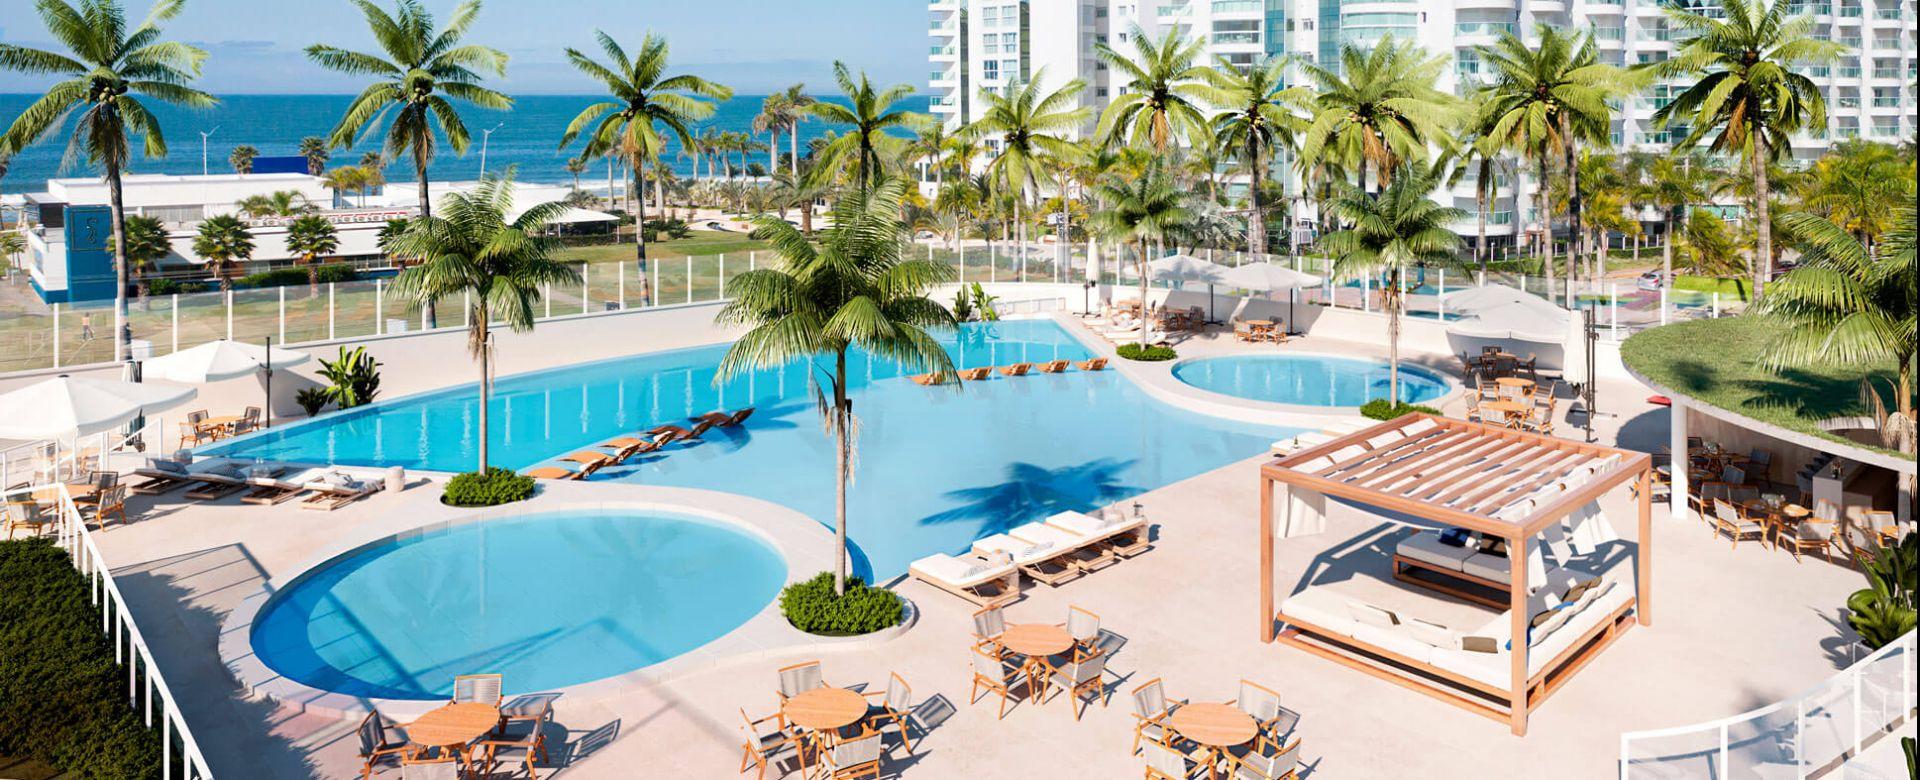 Imagem destaque do Reserva Figueira Residence – Brava Beach Internacional